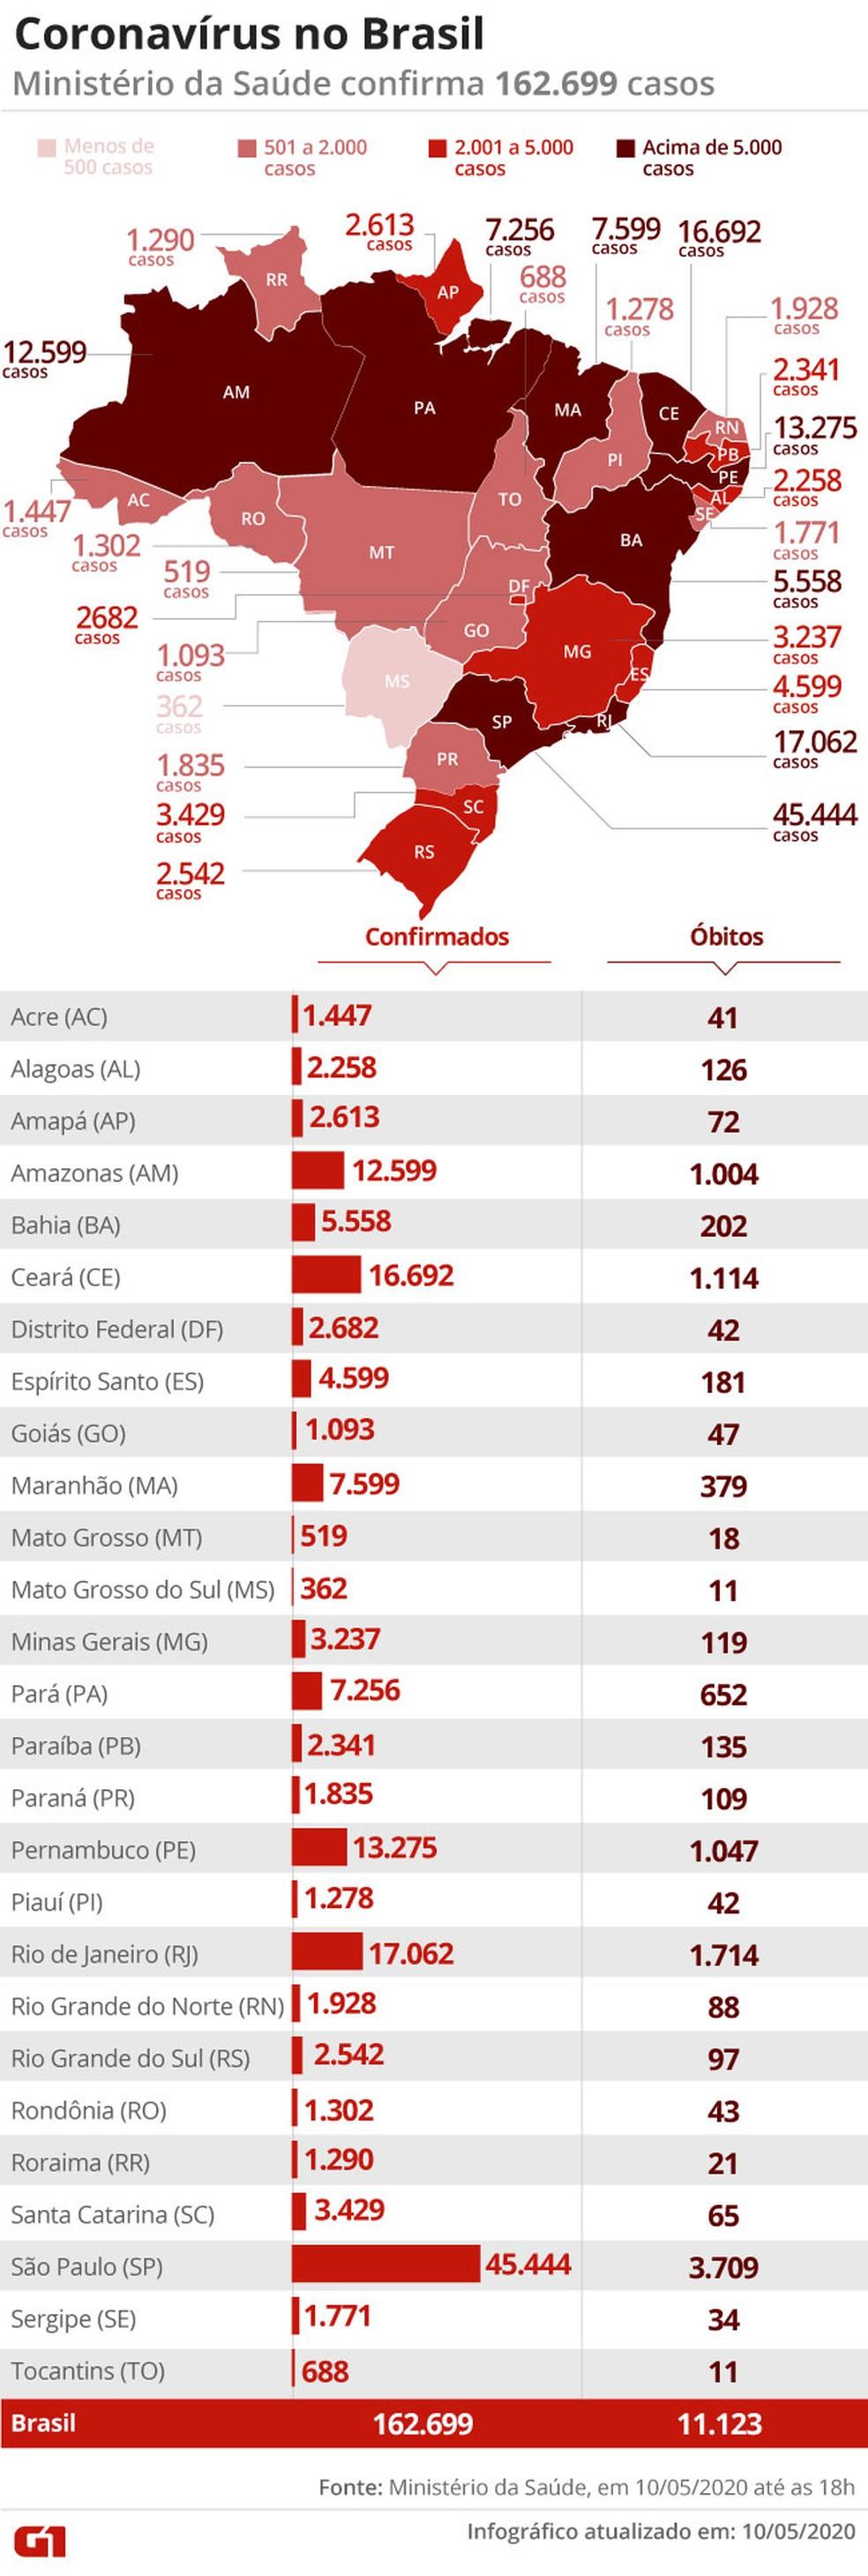 Coronavírus casos no Brasil por estado em 10/05 — Foto: Cido Gonçalves/G1